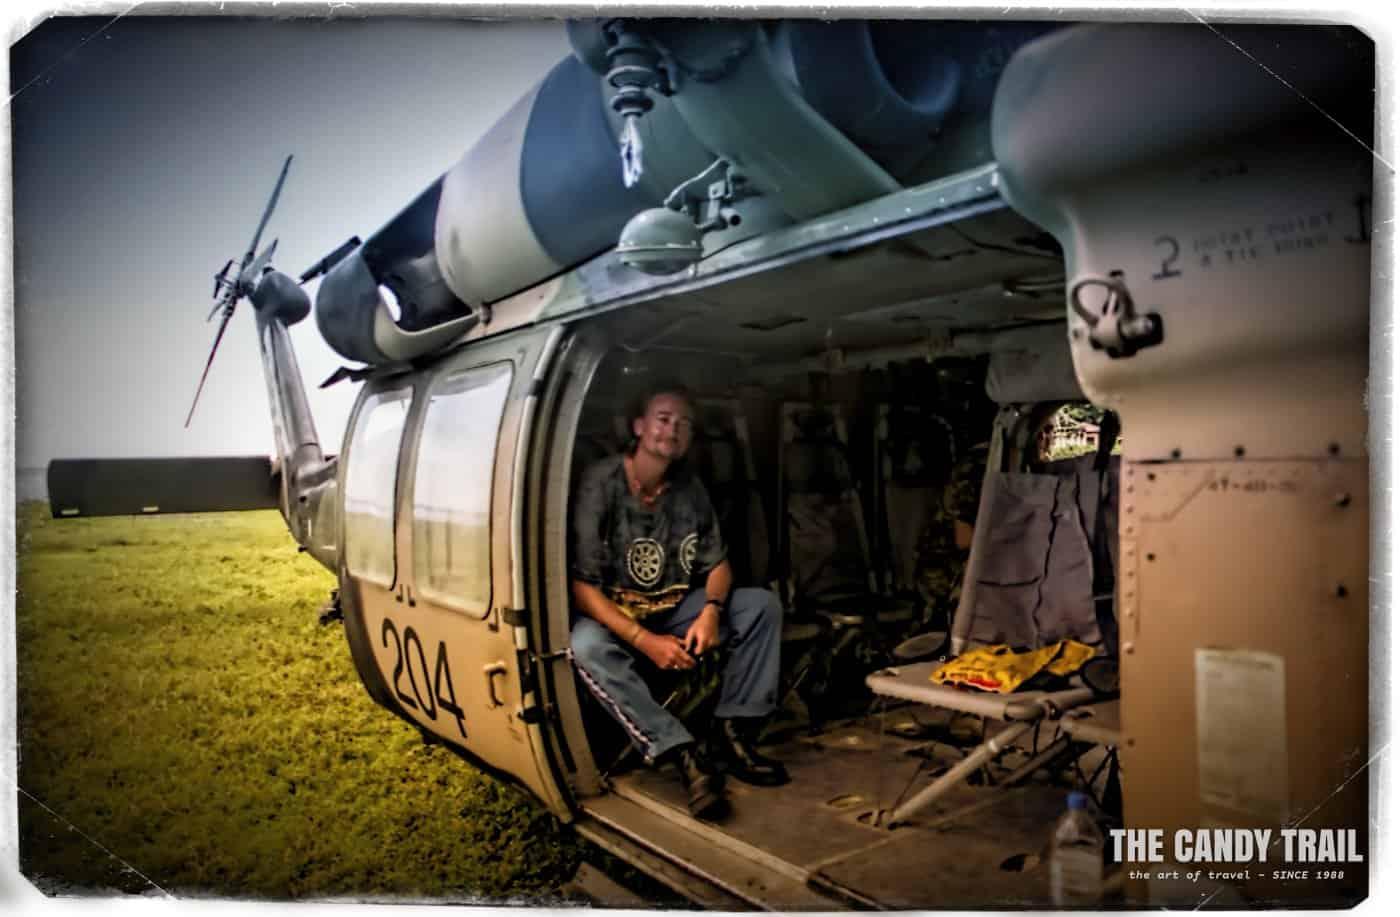 Michael Robert Powell long term traveler in Blackhawk helicopter East Timor 2000